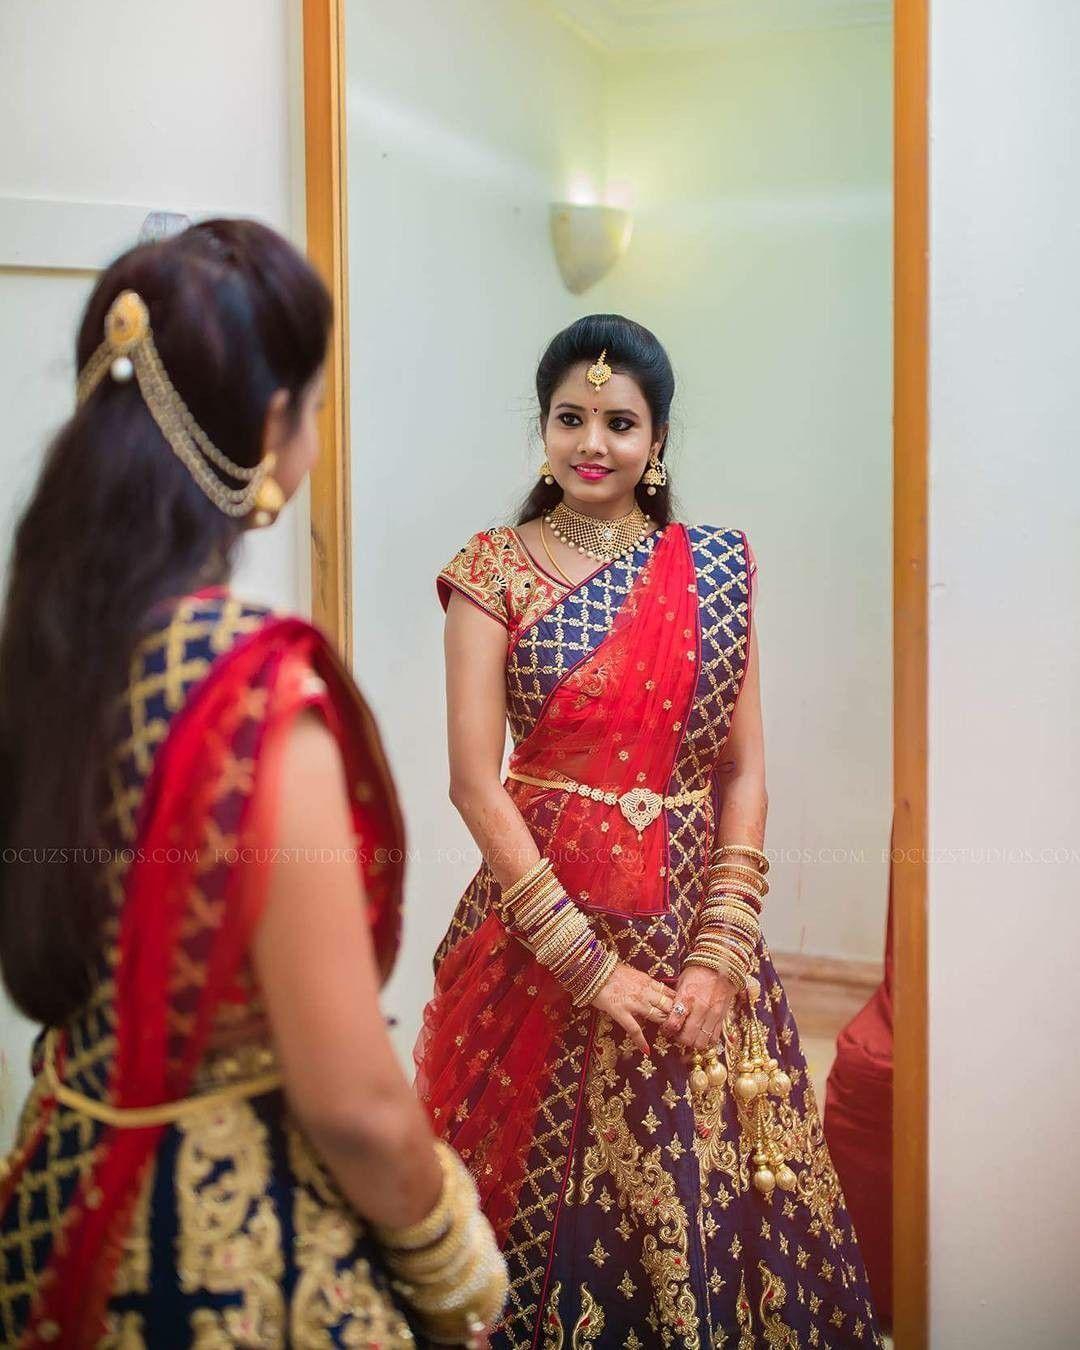 designer lehenga wearing style - mattal - pose | ma gal in